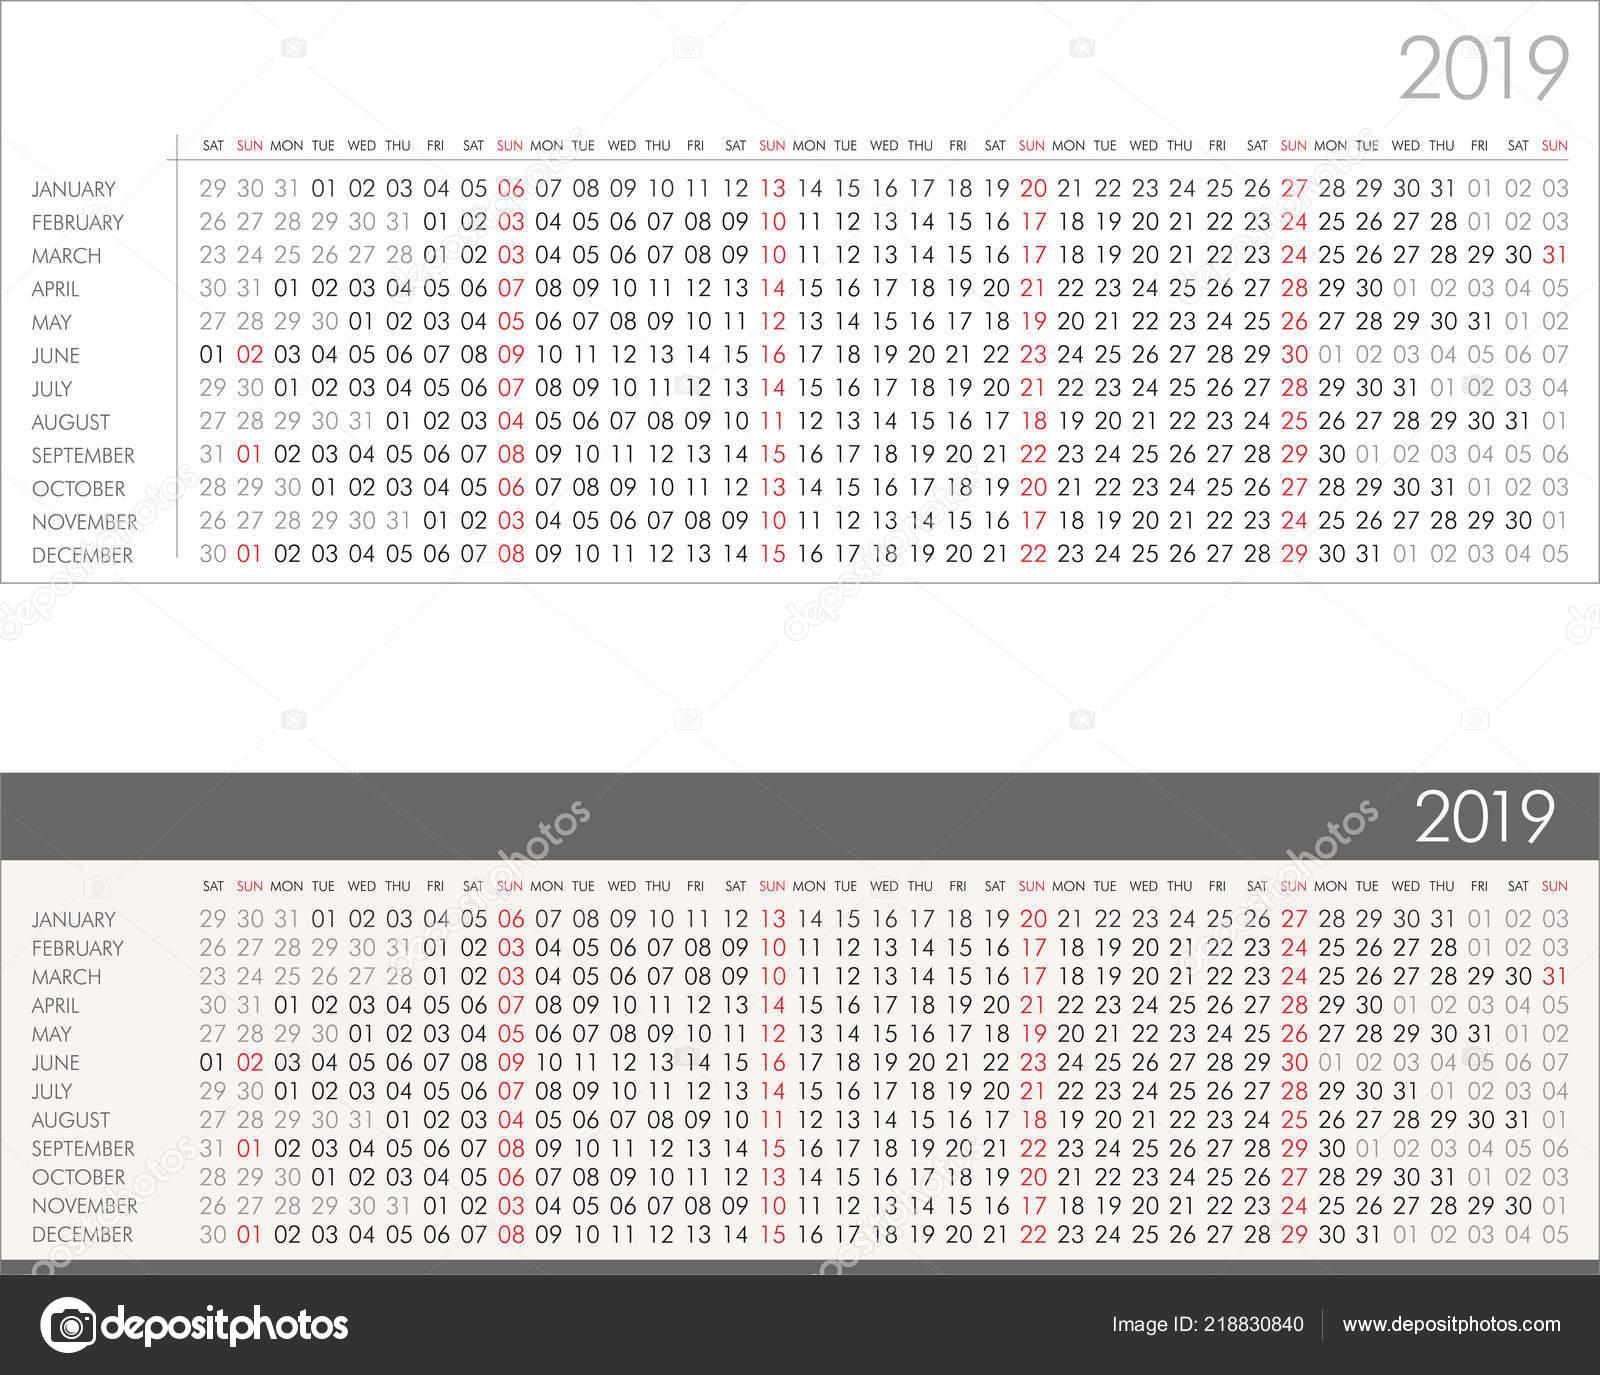 Calendario Lineal.Calendario Lineal Para Ilustracion Vector Ano 2019 Archivo